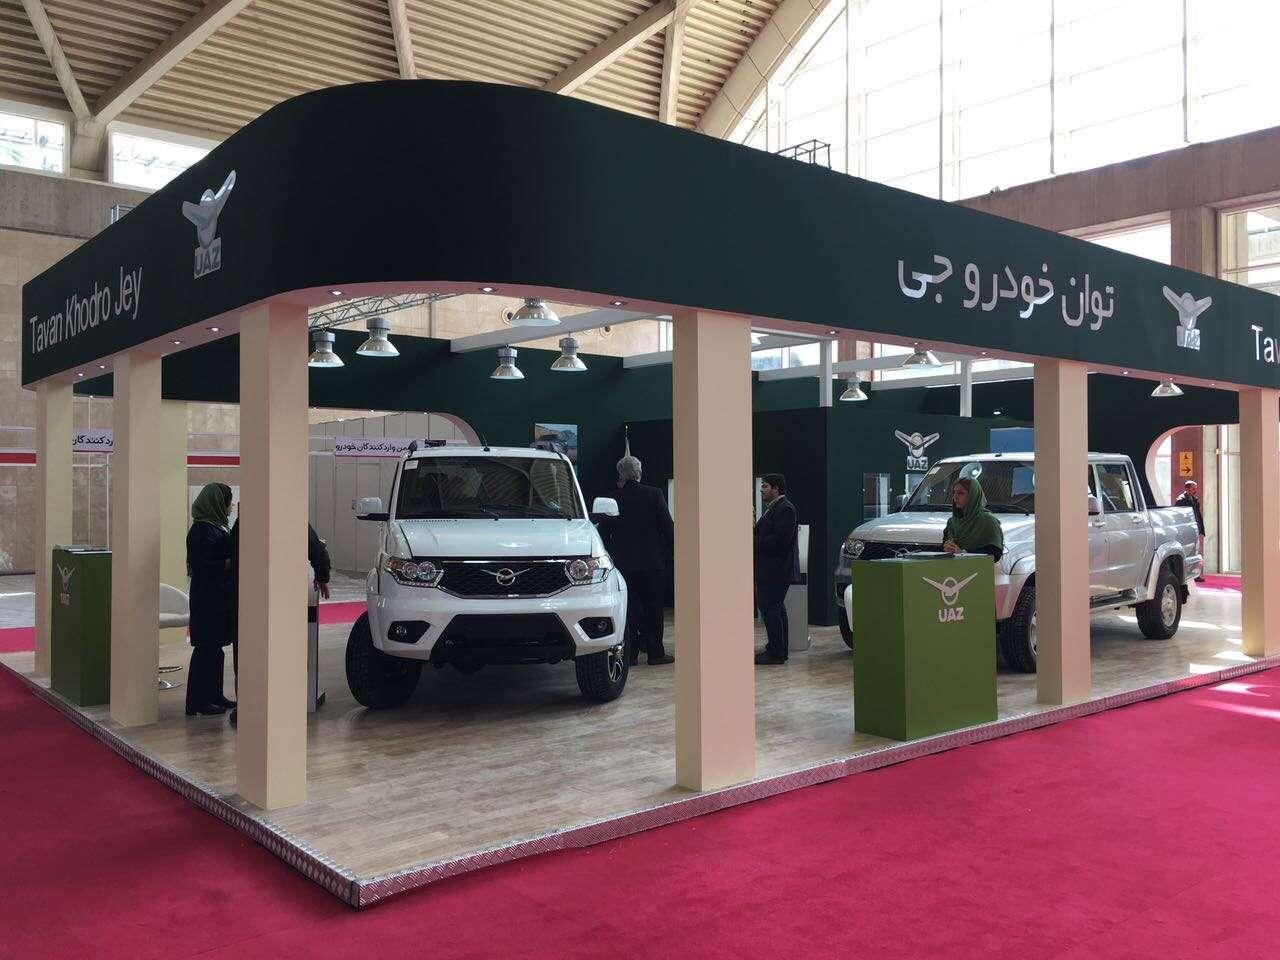 УАЗпланирует возобновить поставки автомобилей вИран— фото 707404